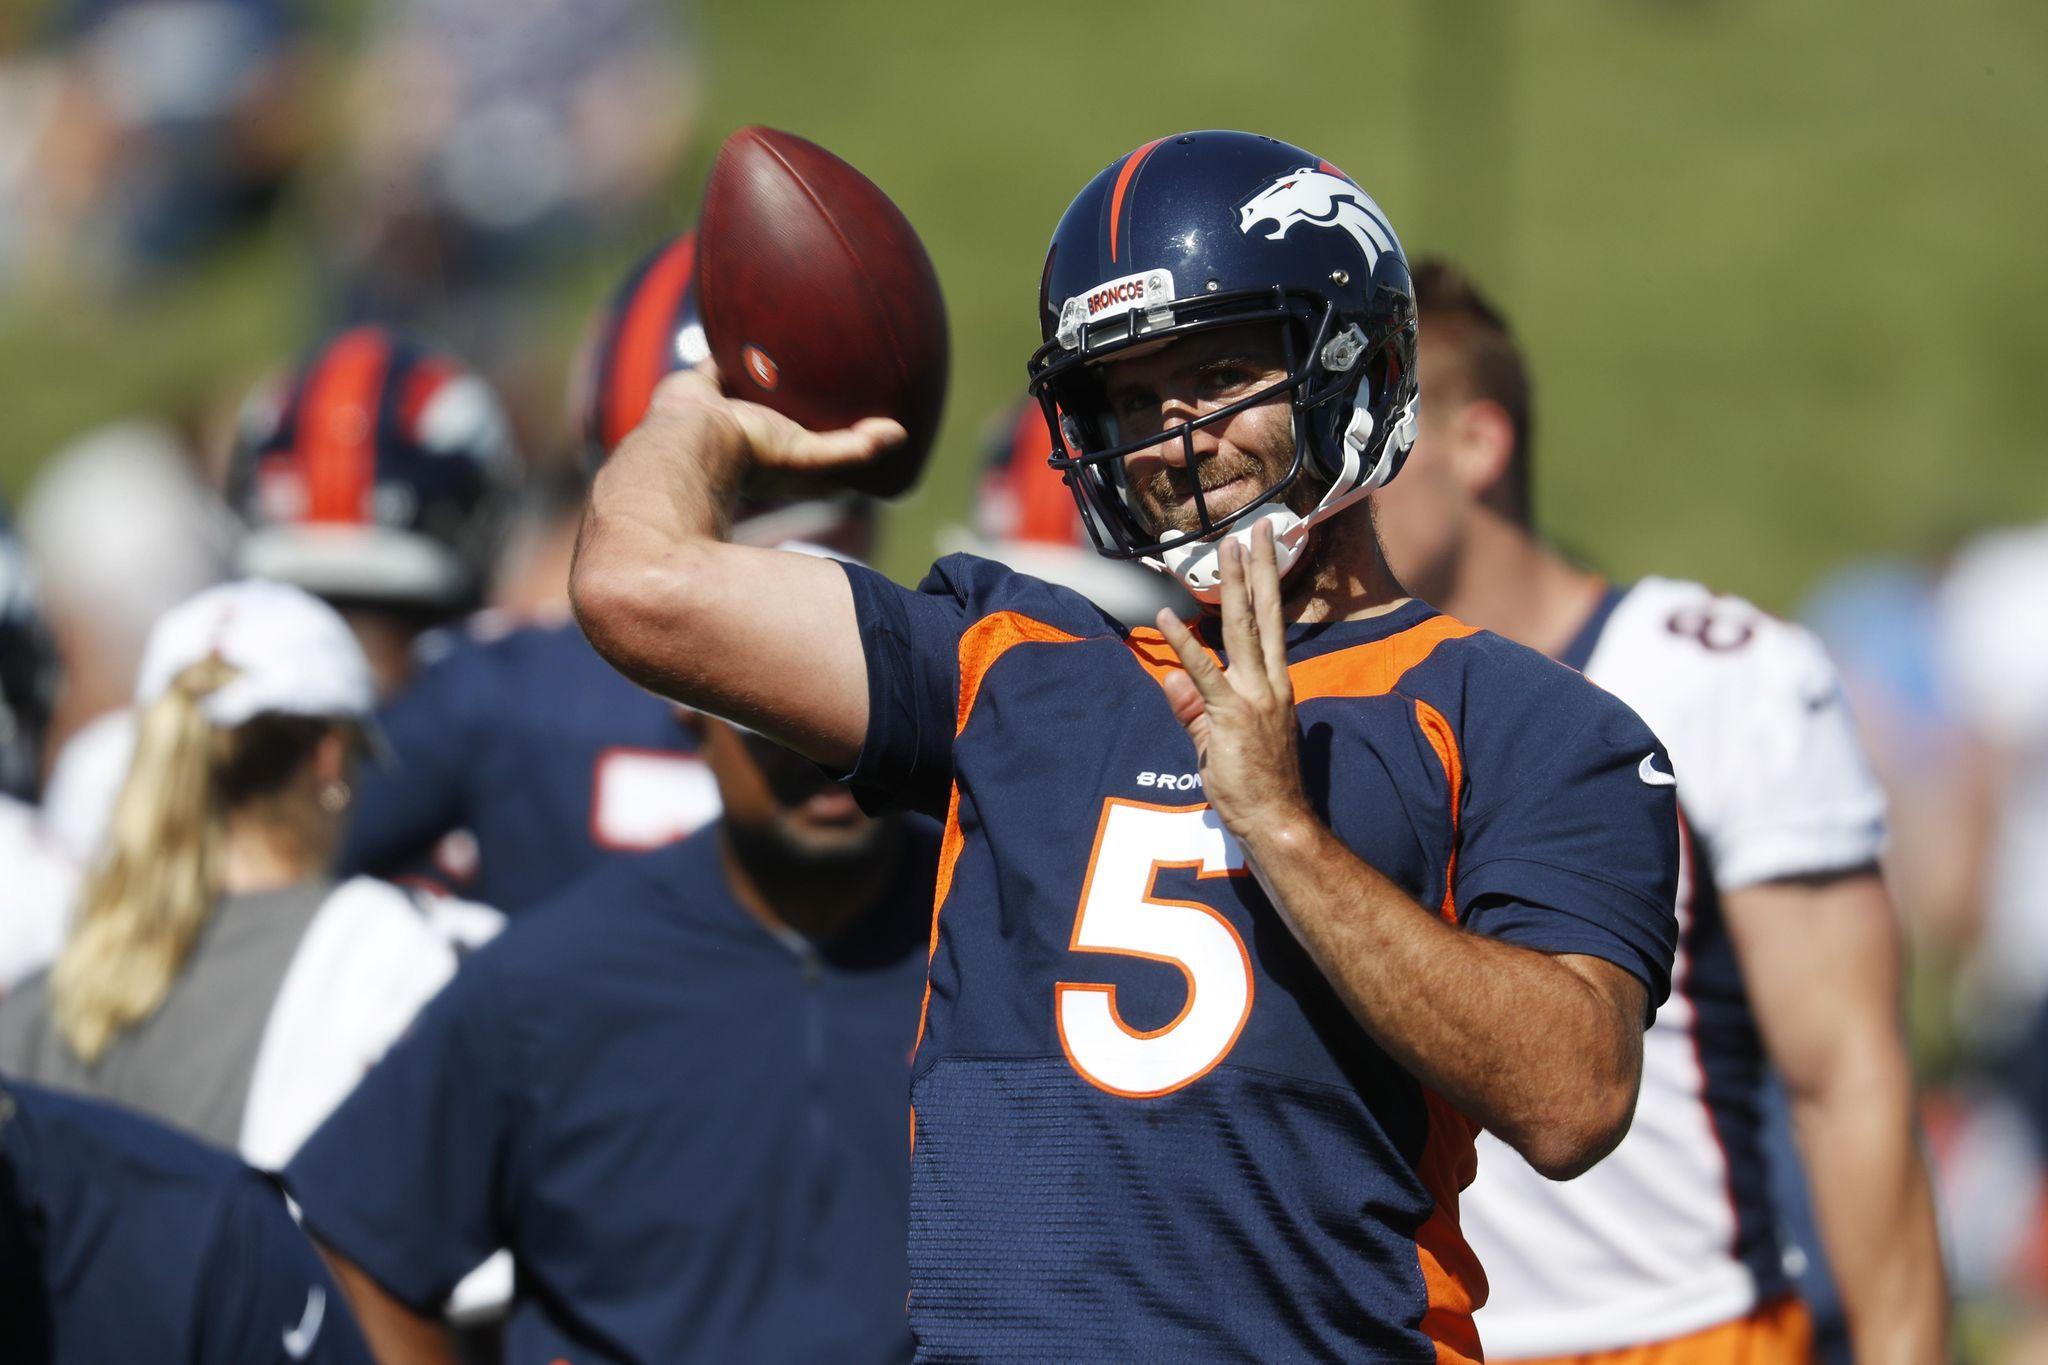 Broncos_camp_football_50787_s2048x1365